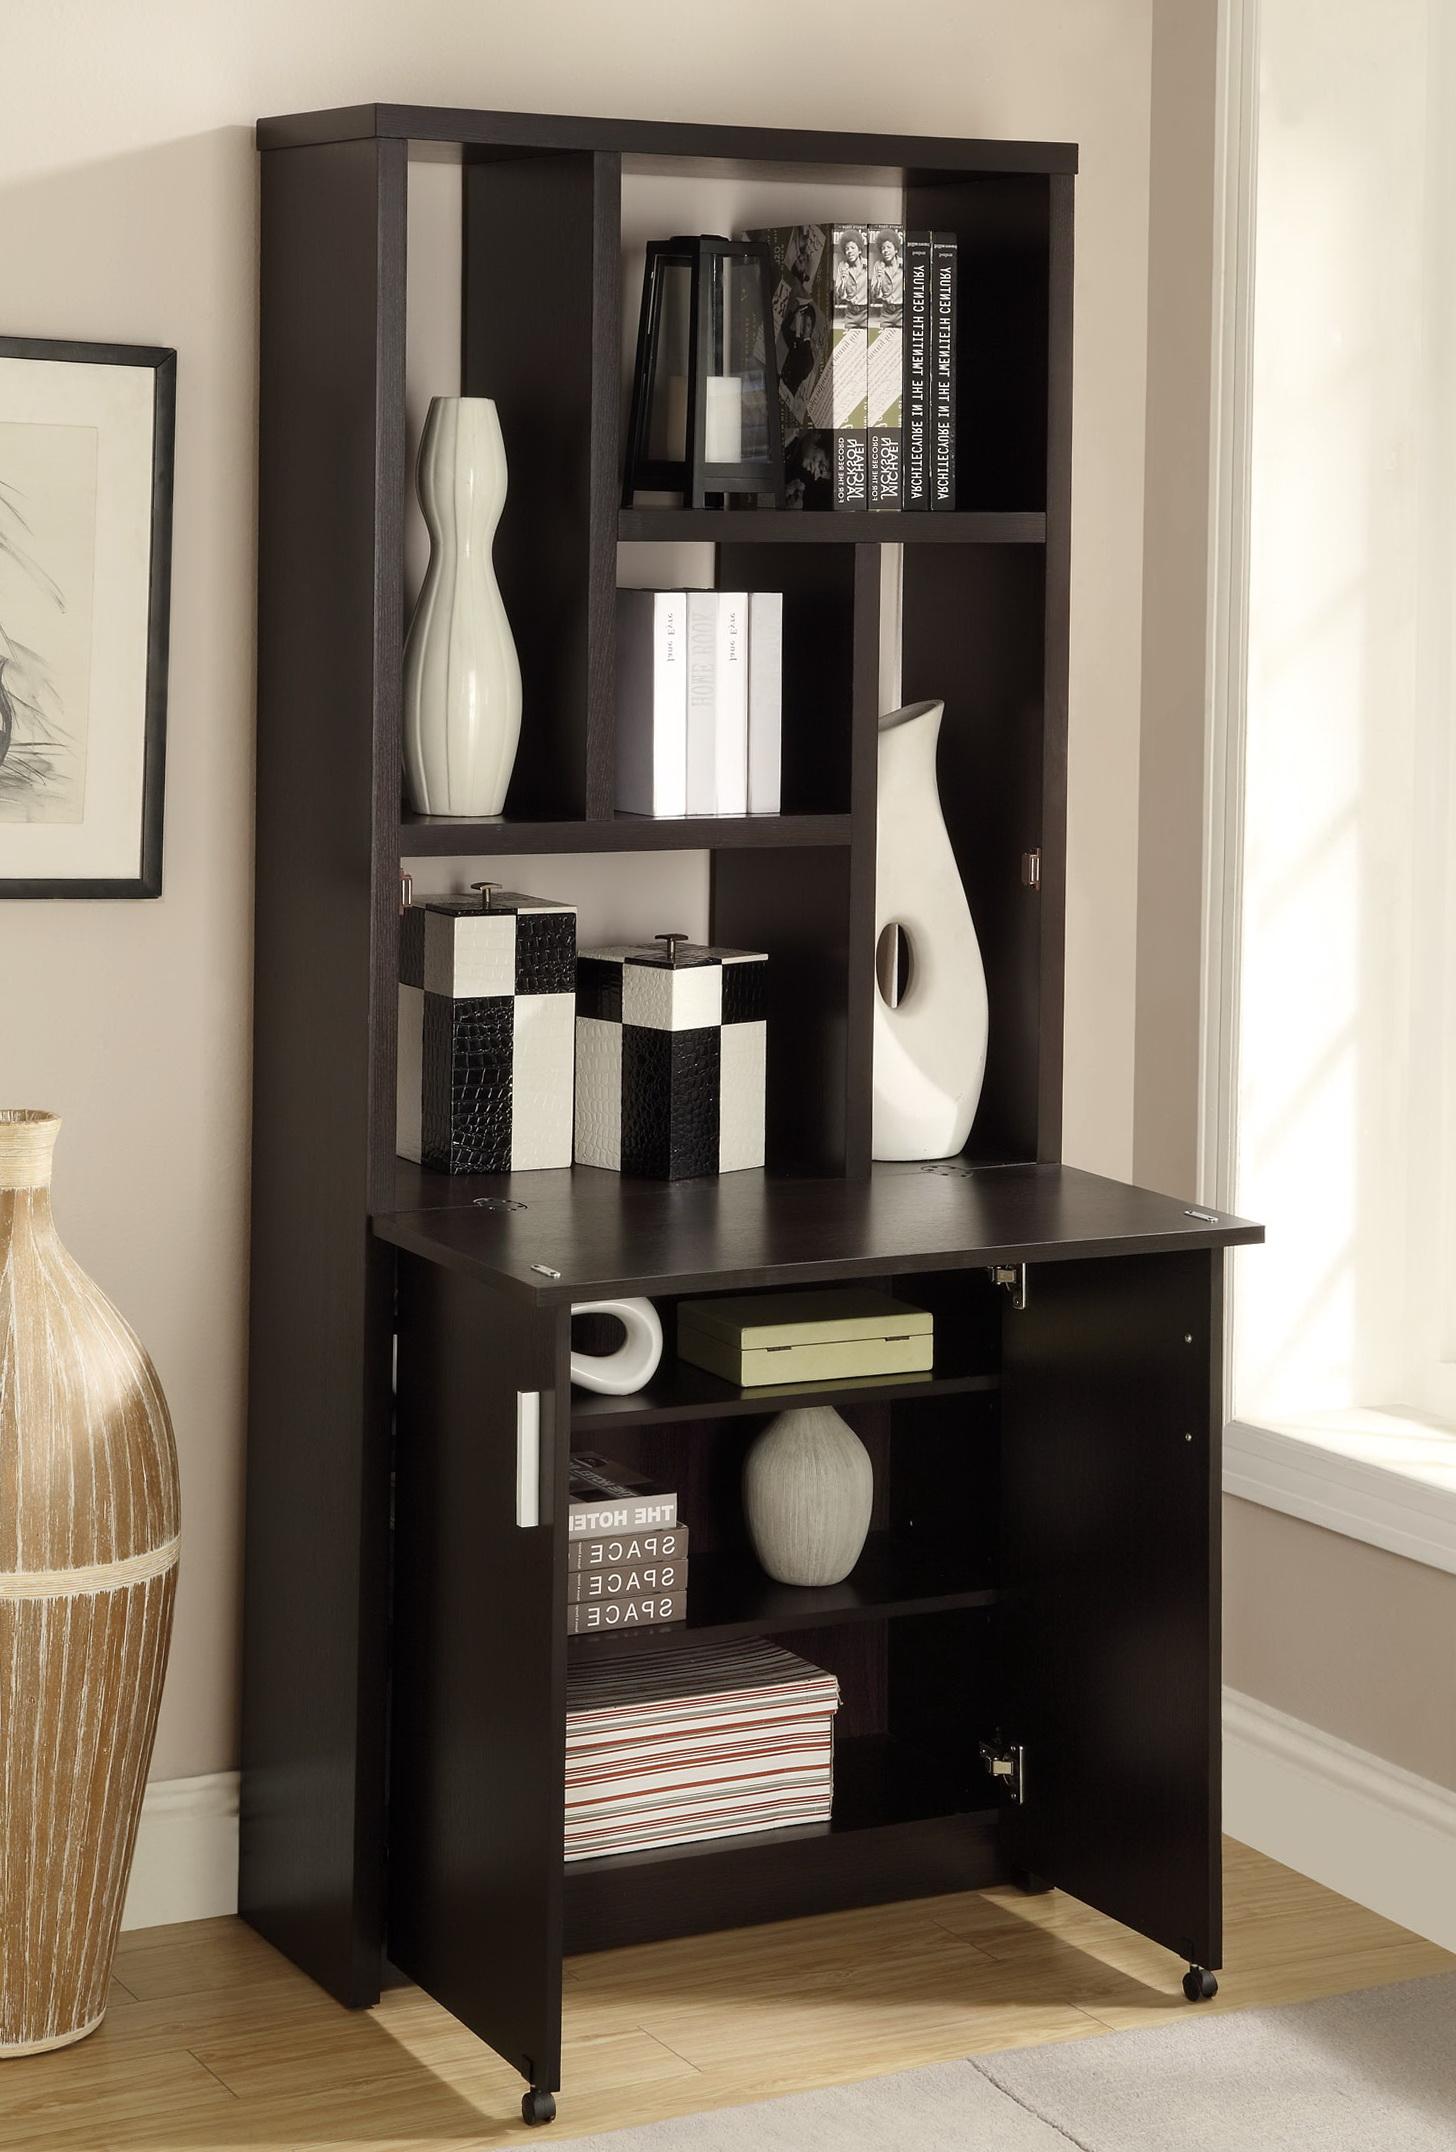 Ikea Desk With Bookshelf